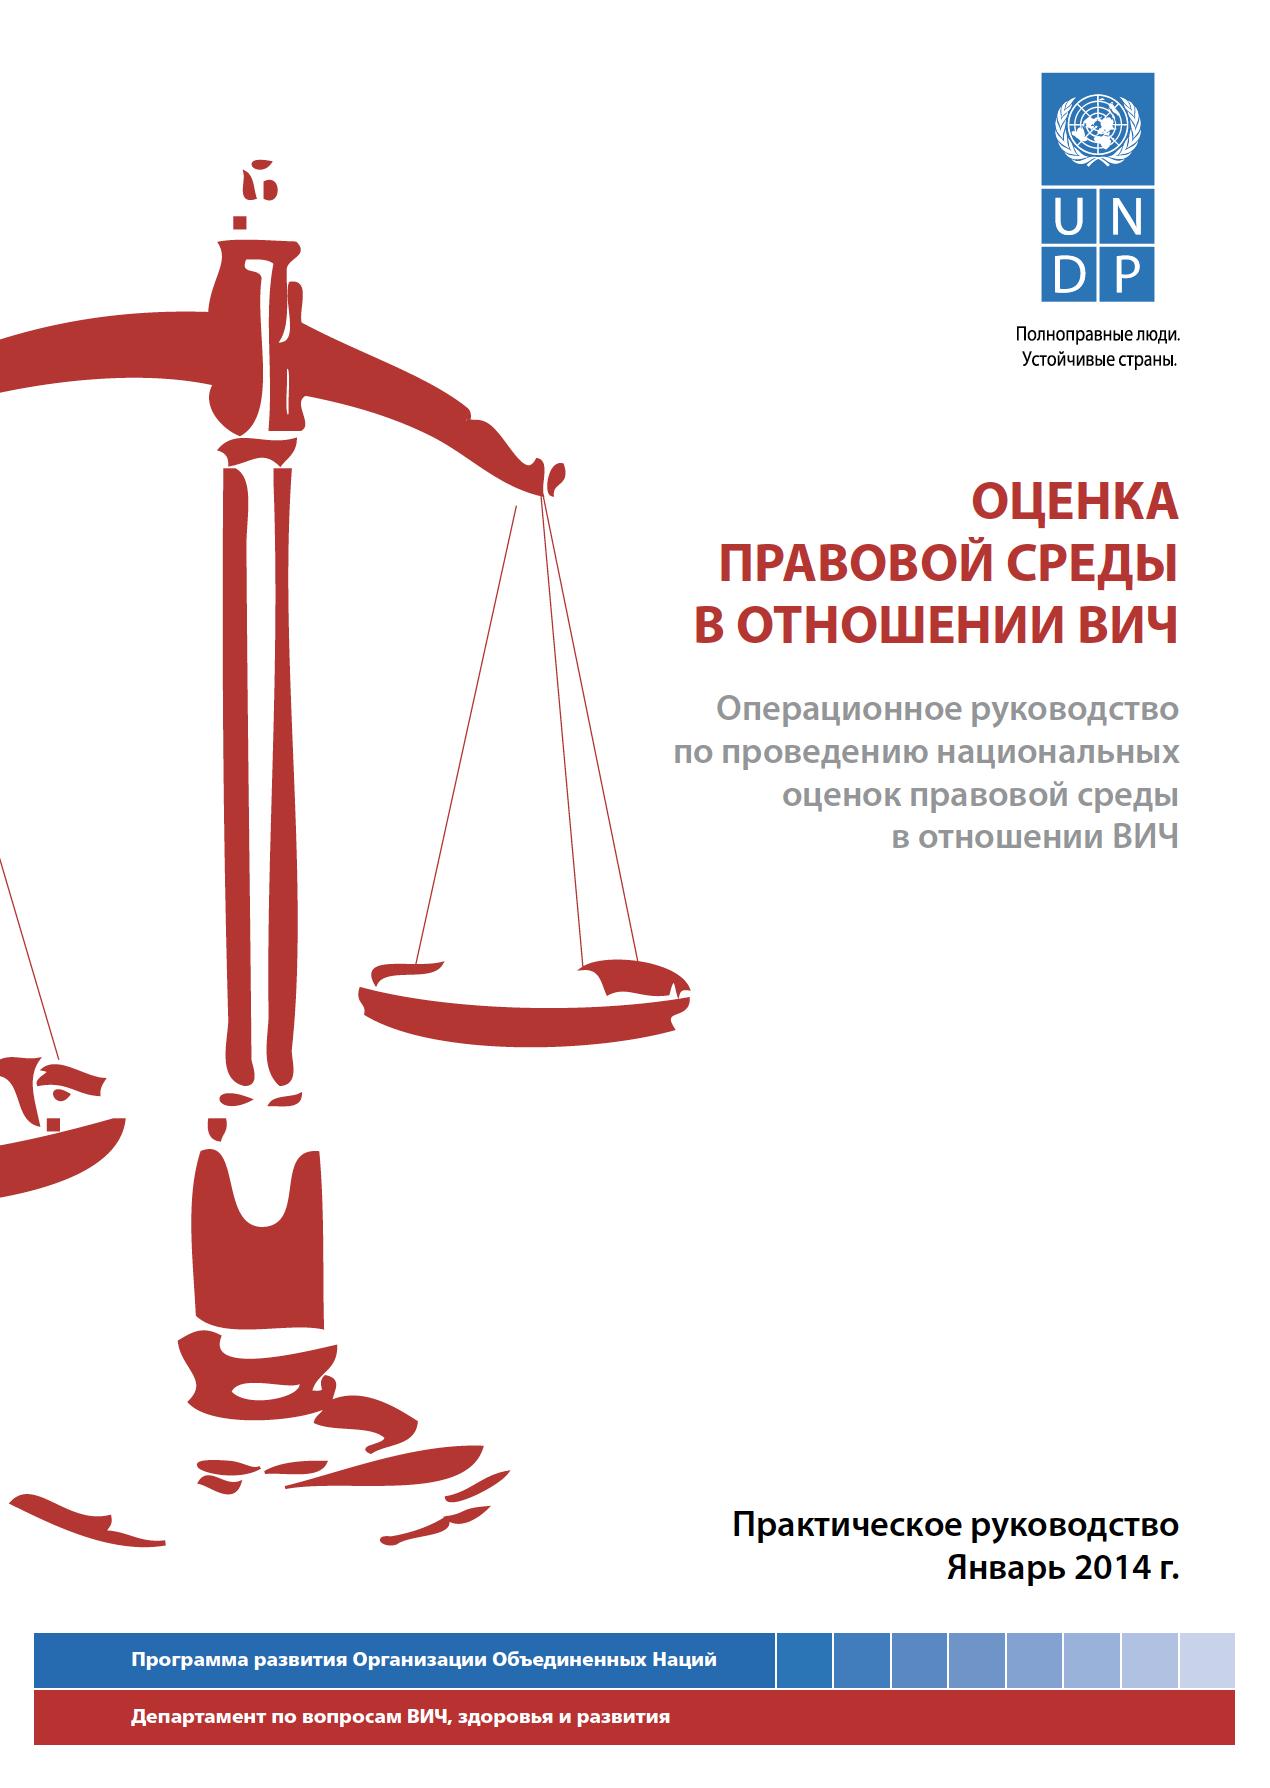 Практическое руководство:Оценка правовой среды в отношении ВИЧ: Операционное руководство по проведению национальных оценок правовой среды в отношении ВИЧ